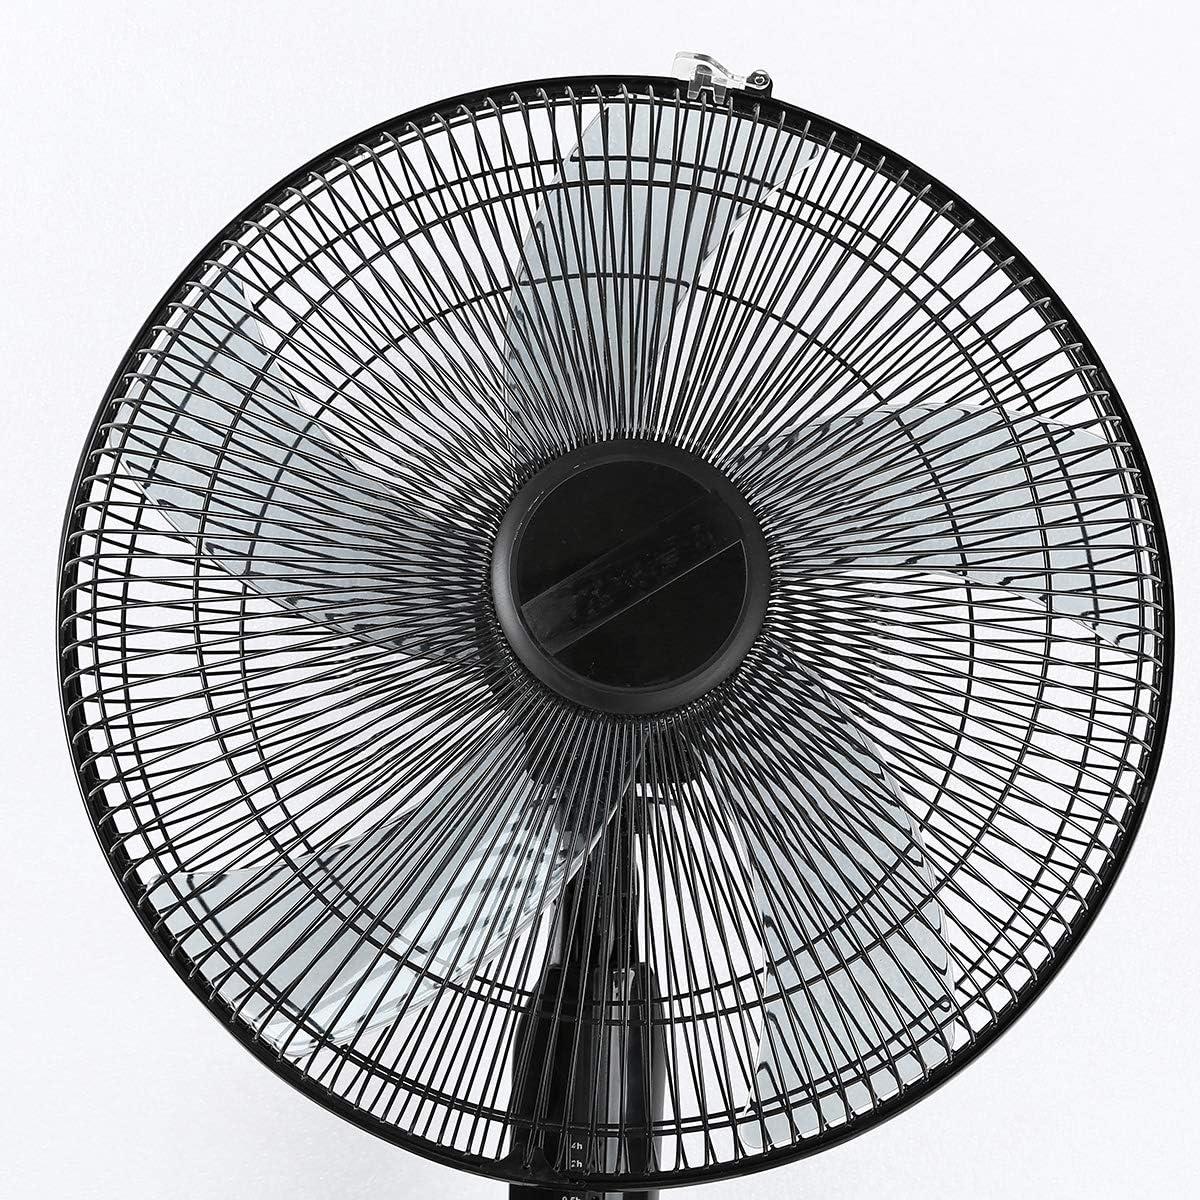 iixpin Aspas del Ventilador Aspas Hojas Pl/ásticas de Ventilador 12 Inch 14 Inch 16 Inch 18 Inch Repuestos Ventilador para Ventilador de Techo Ventilador de Pie Mesa Negro C One Size